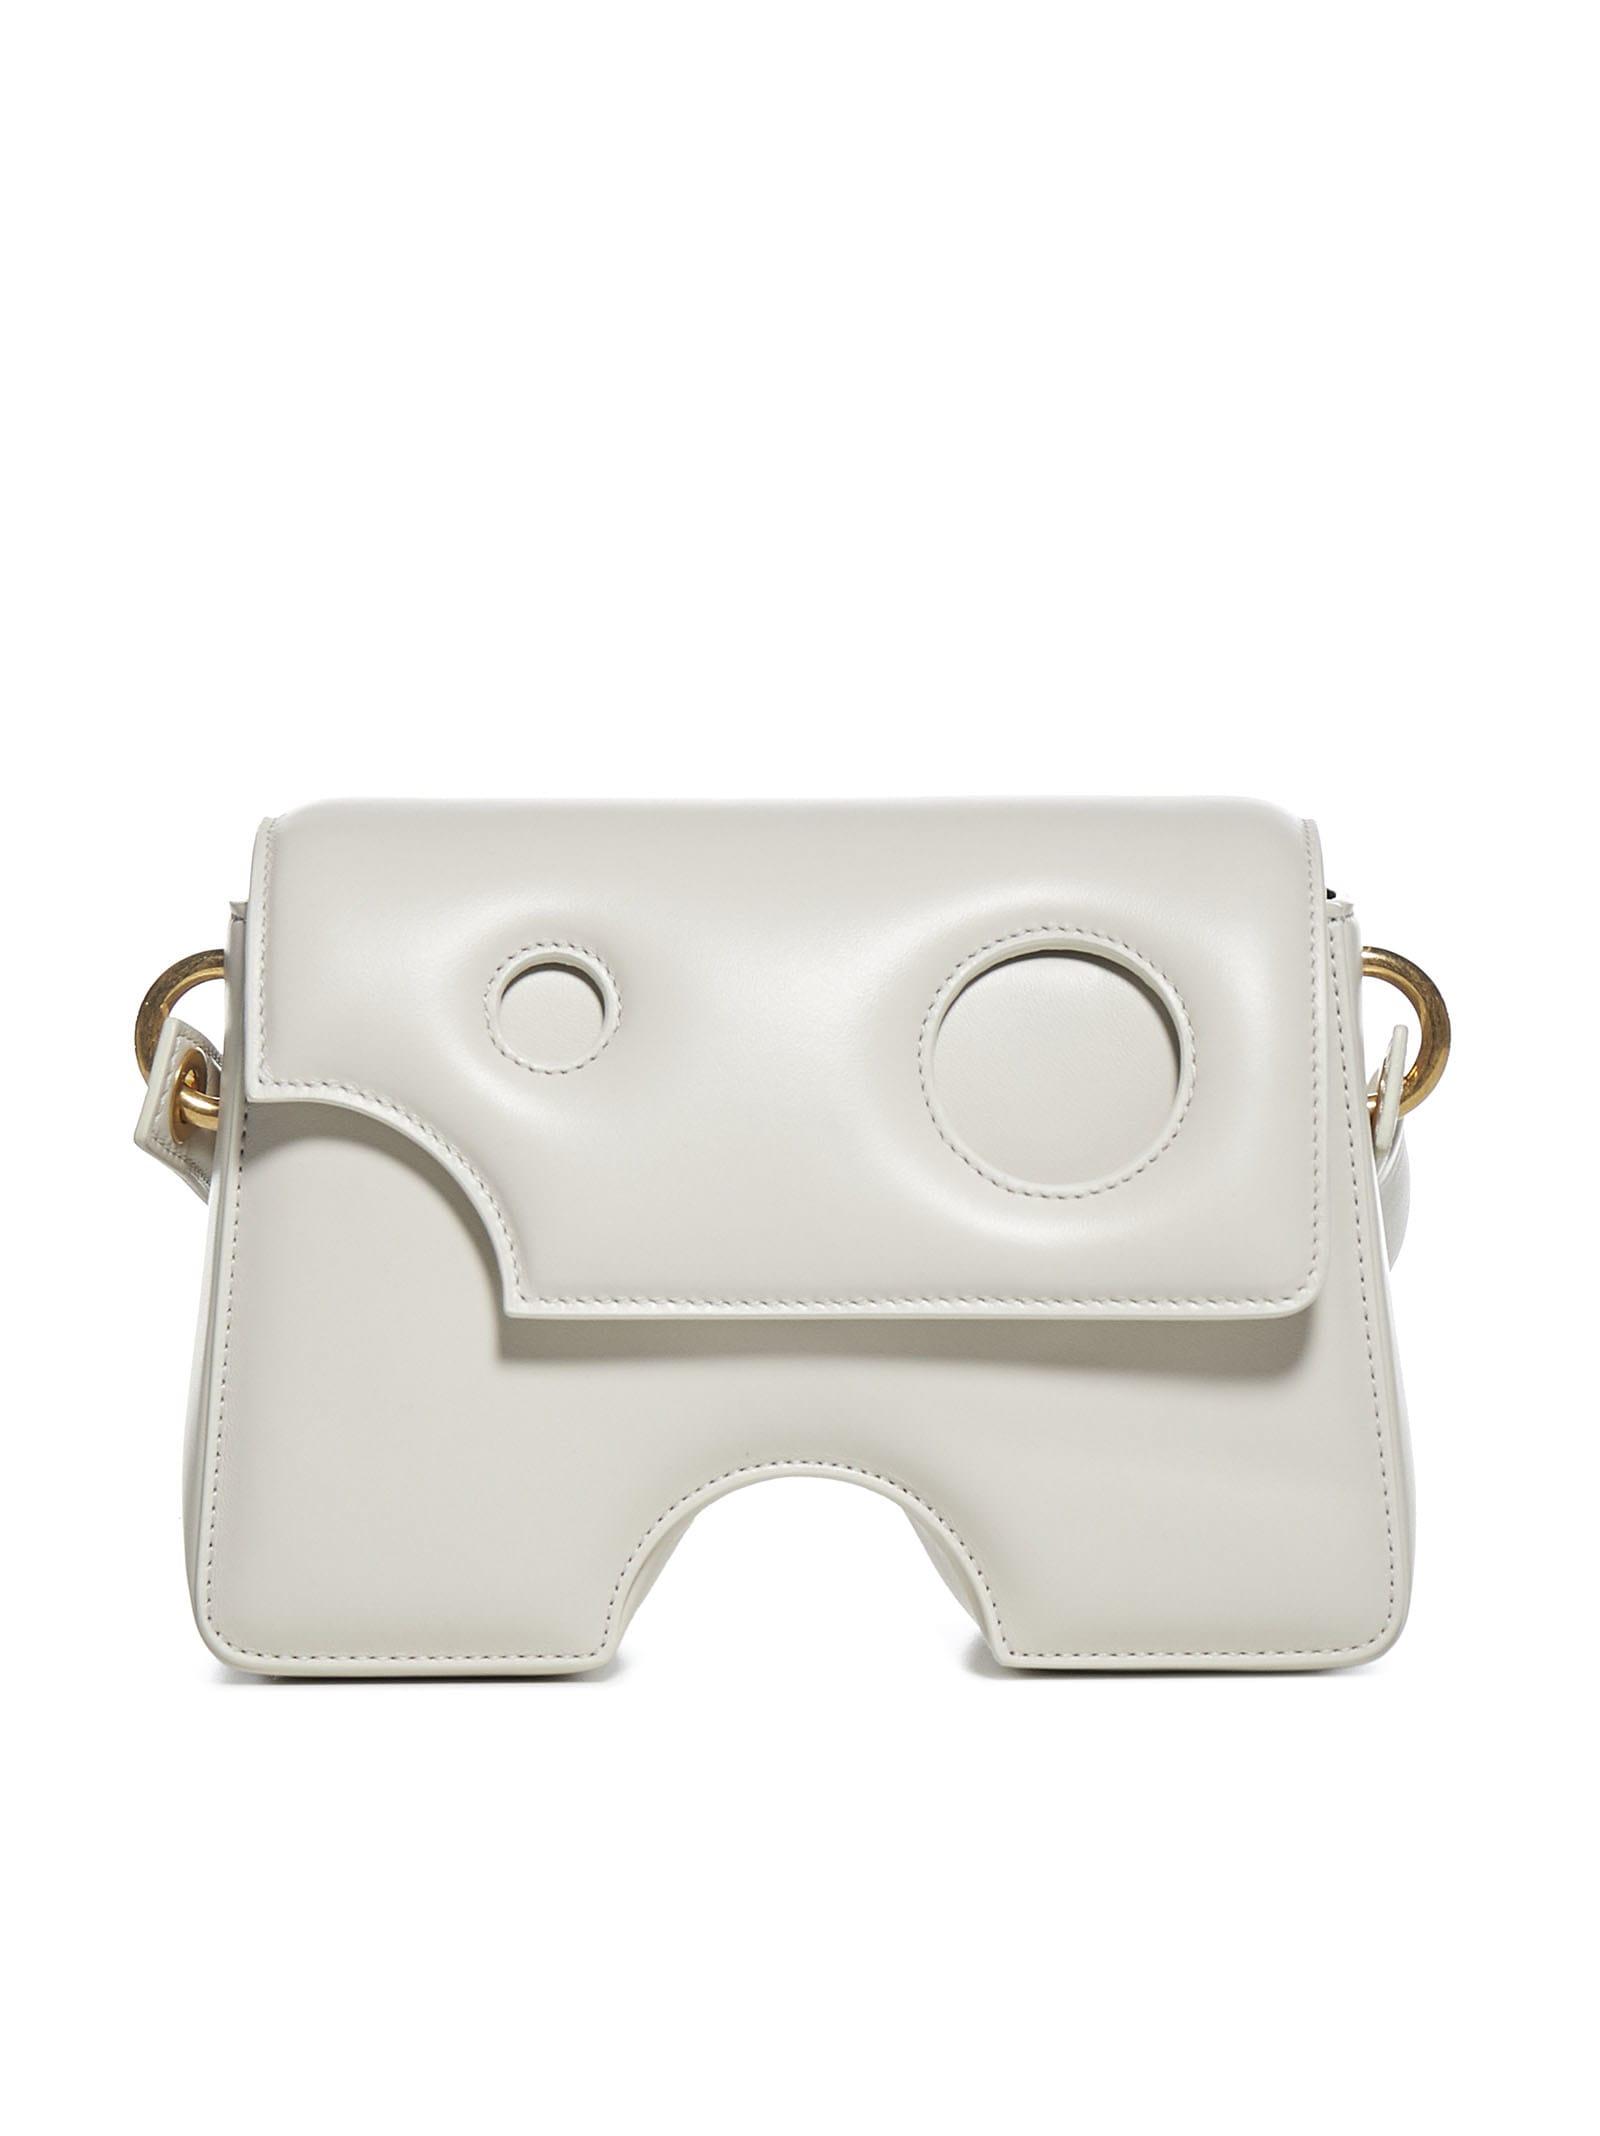 Off-White Leathers SHOULDER BAG